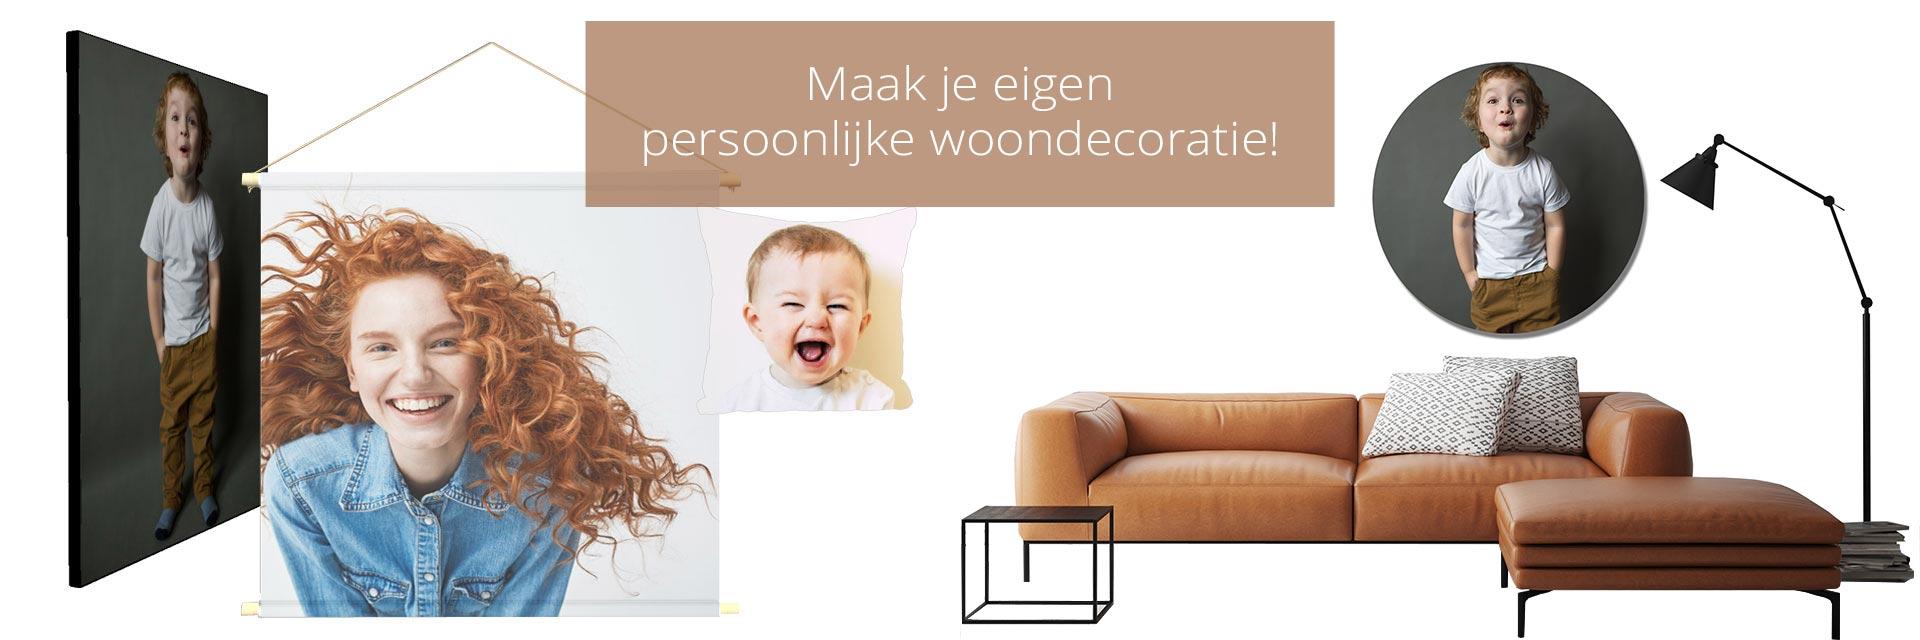 WANDenWOONdeco.nl persoonlijke woondecoratie